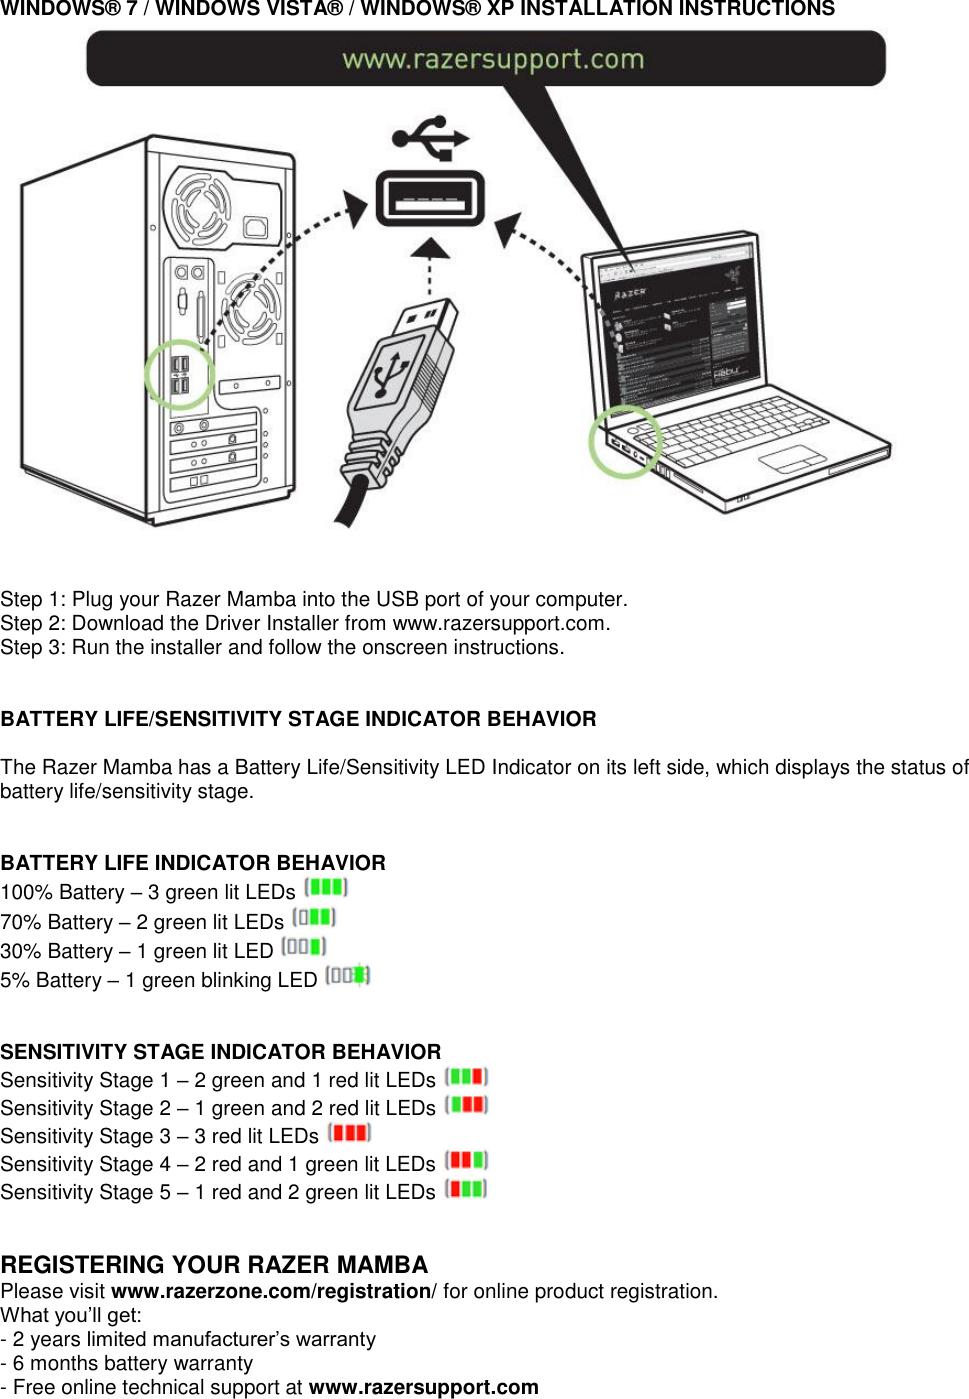 Razer Mamba 2012 Owner S Manual